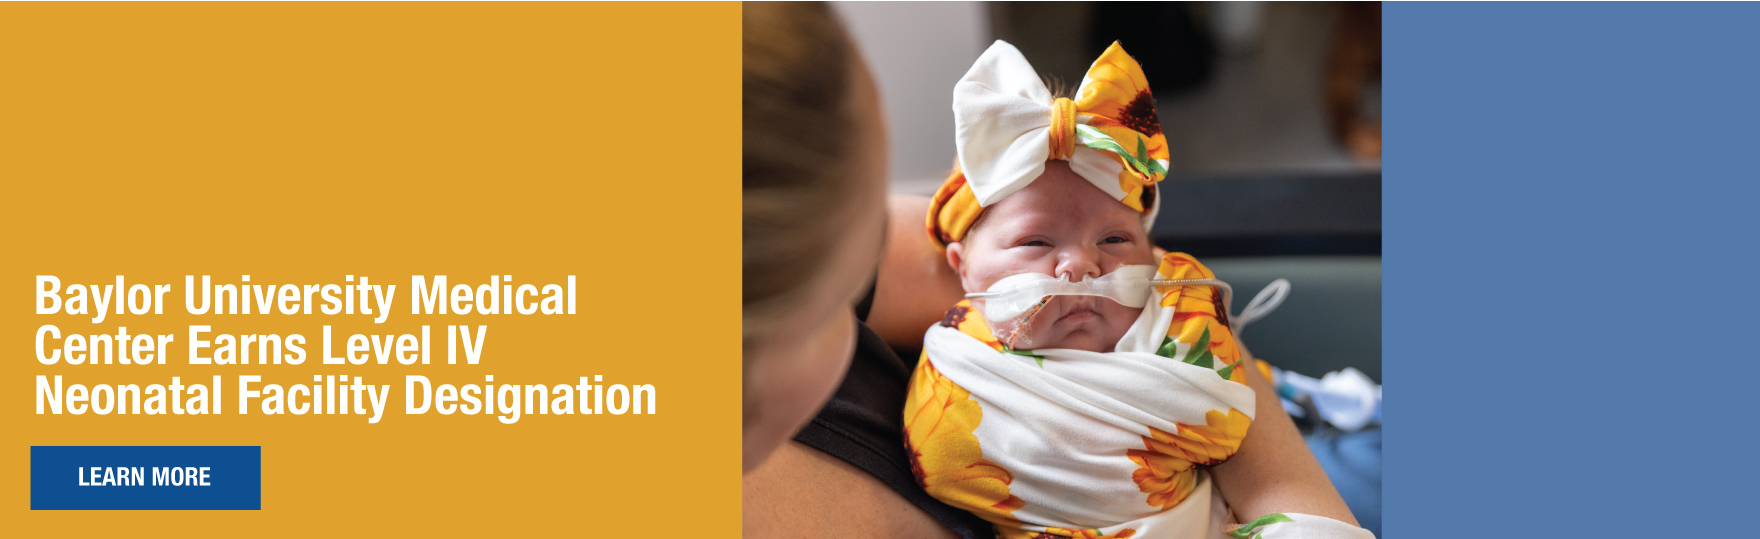 Neonatal Facility